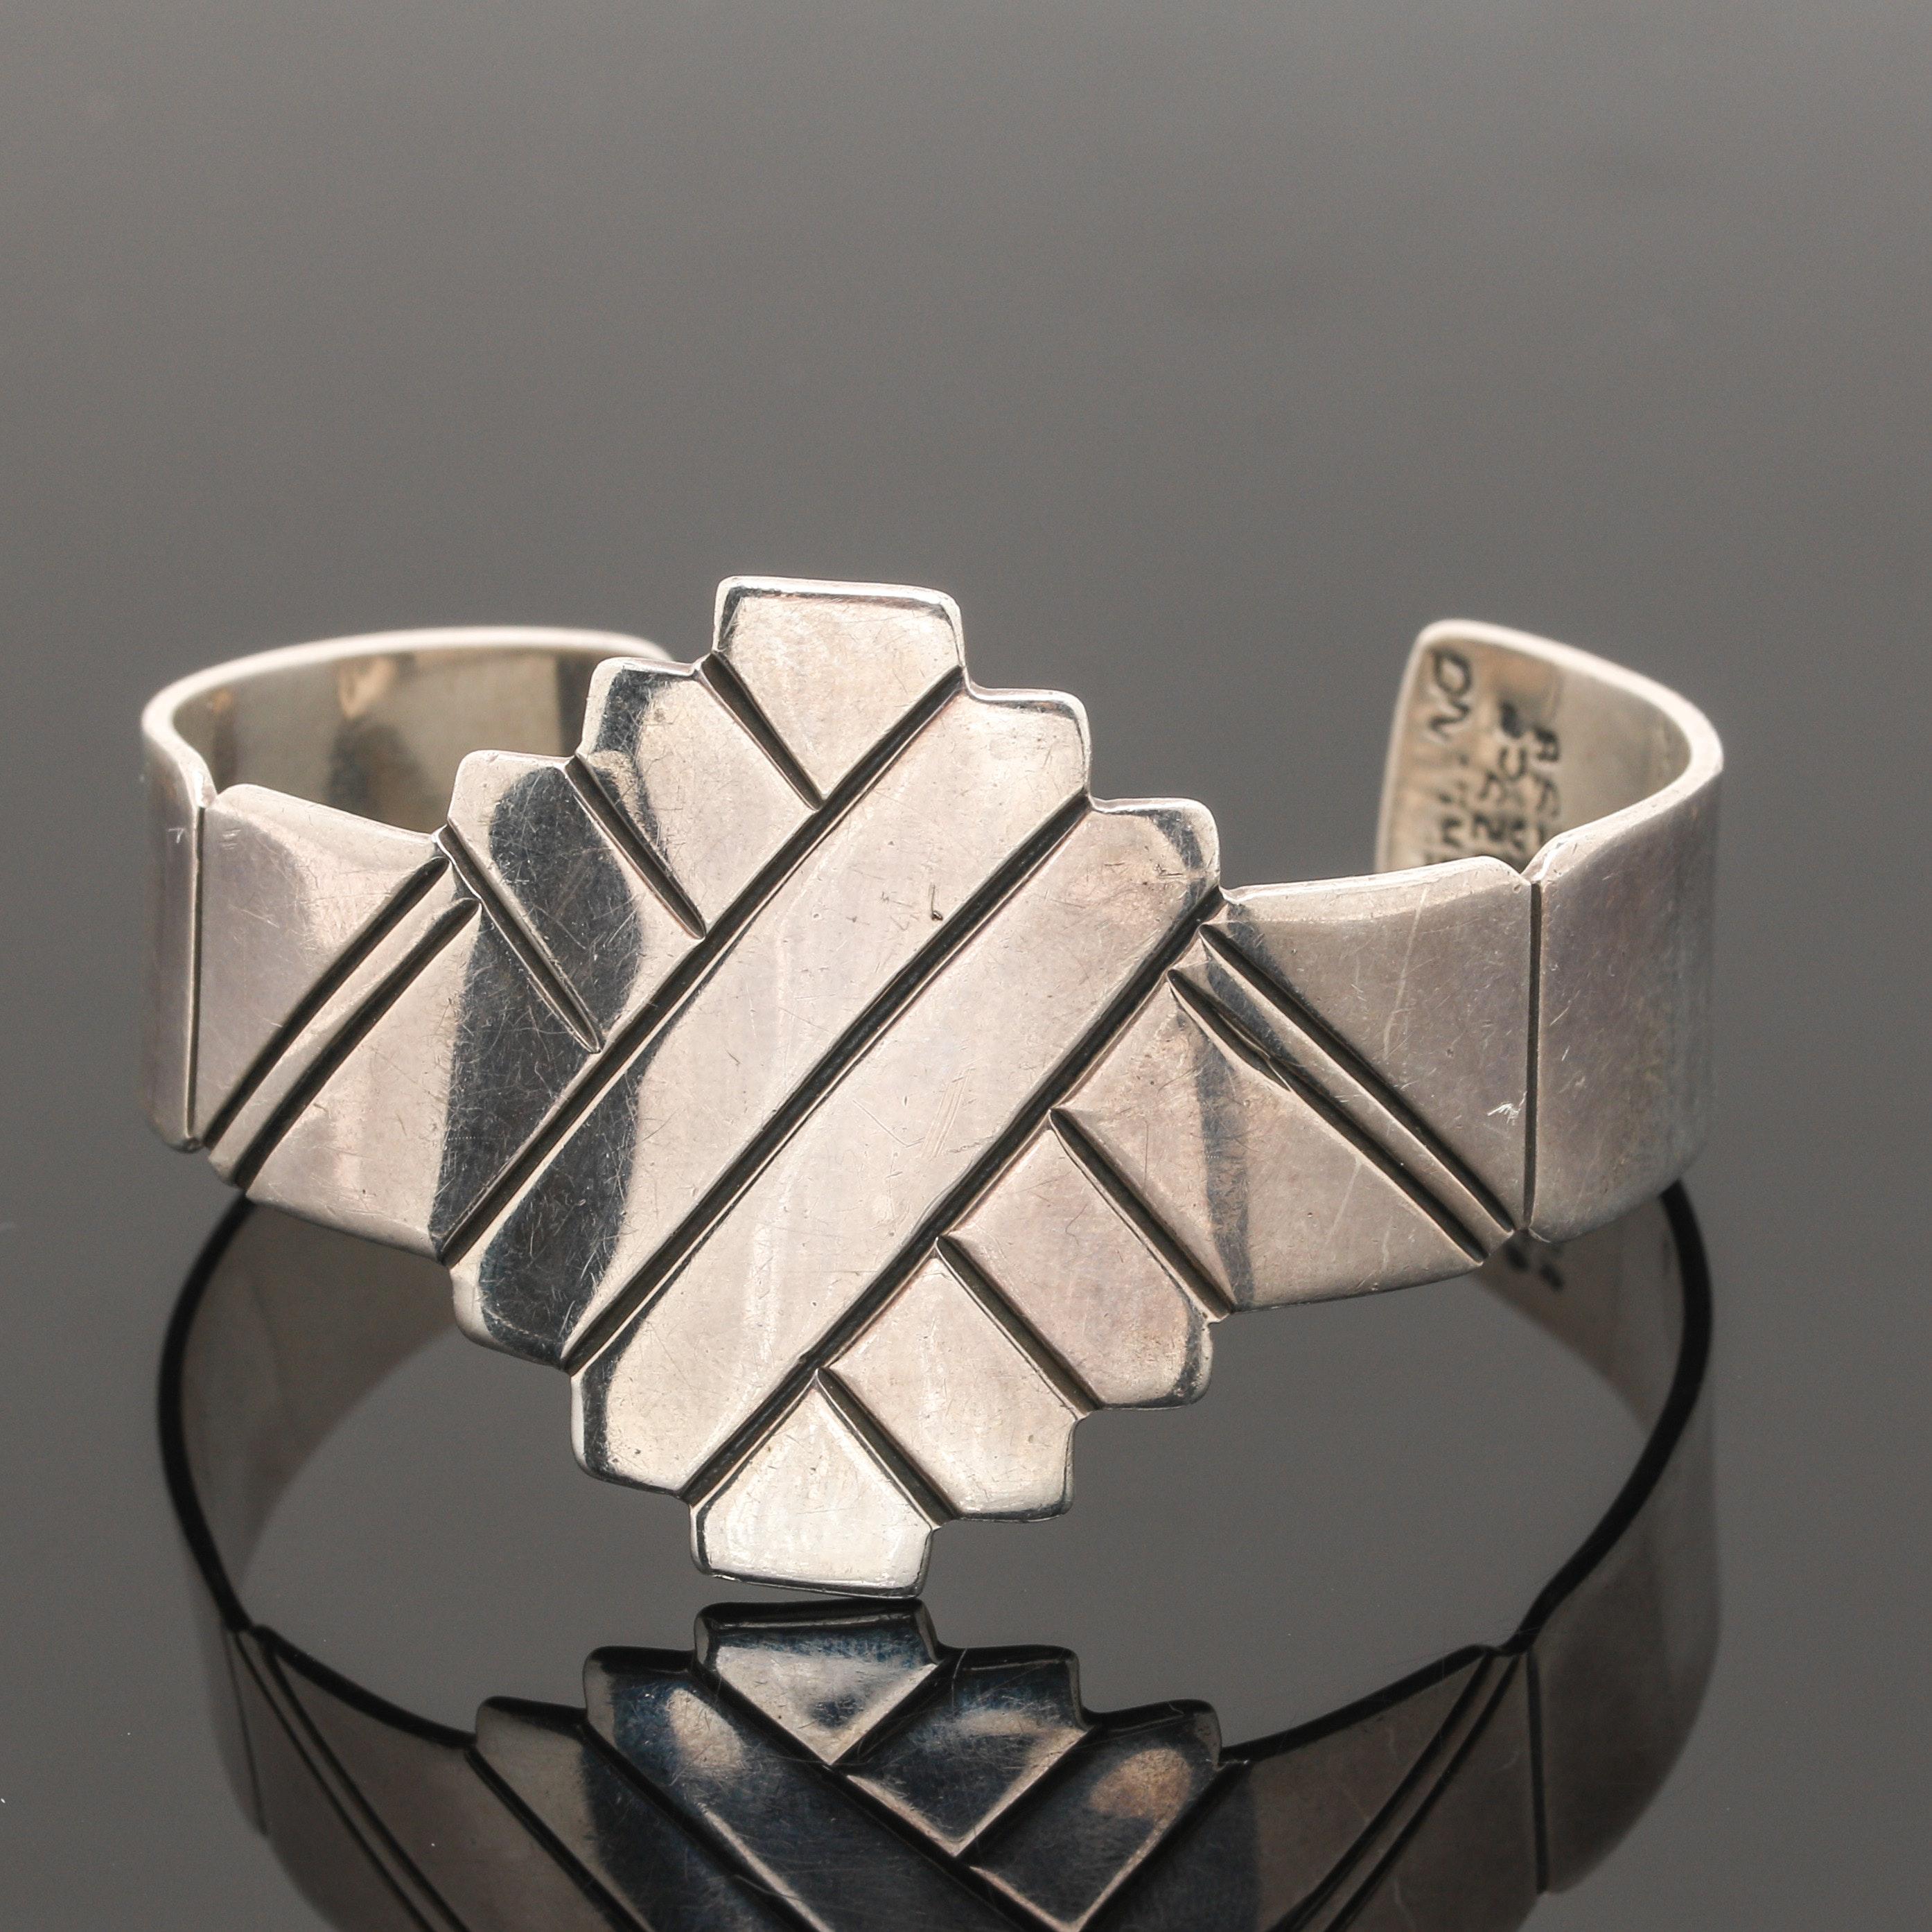 Taxco Sterling Silver Cuff Bracelet